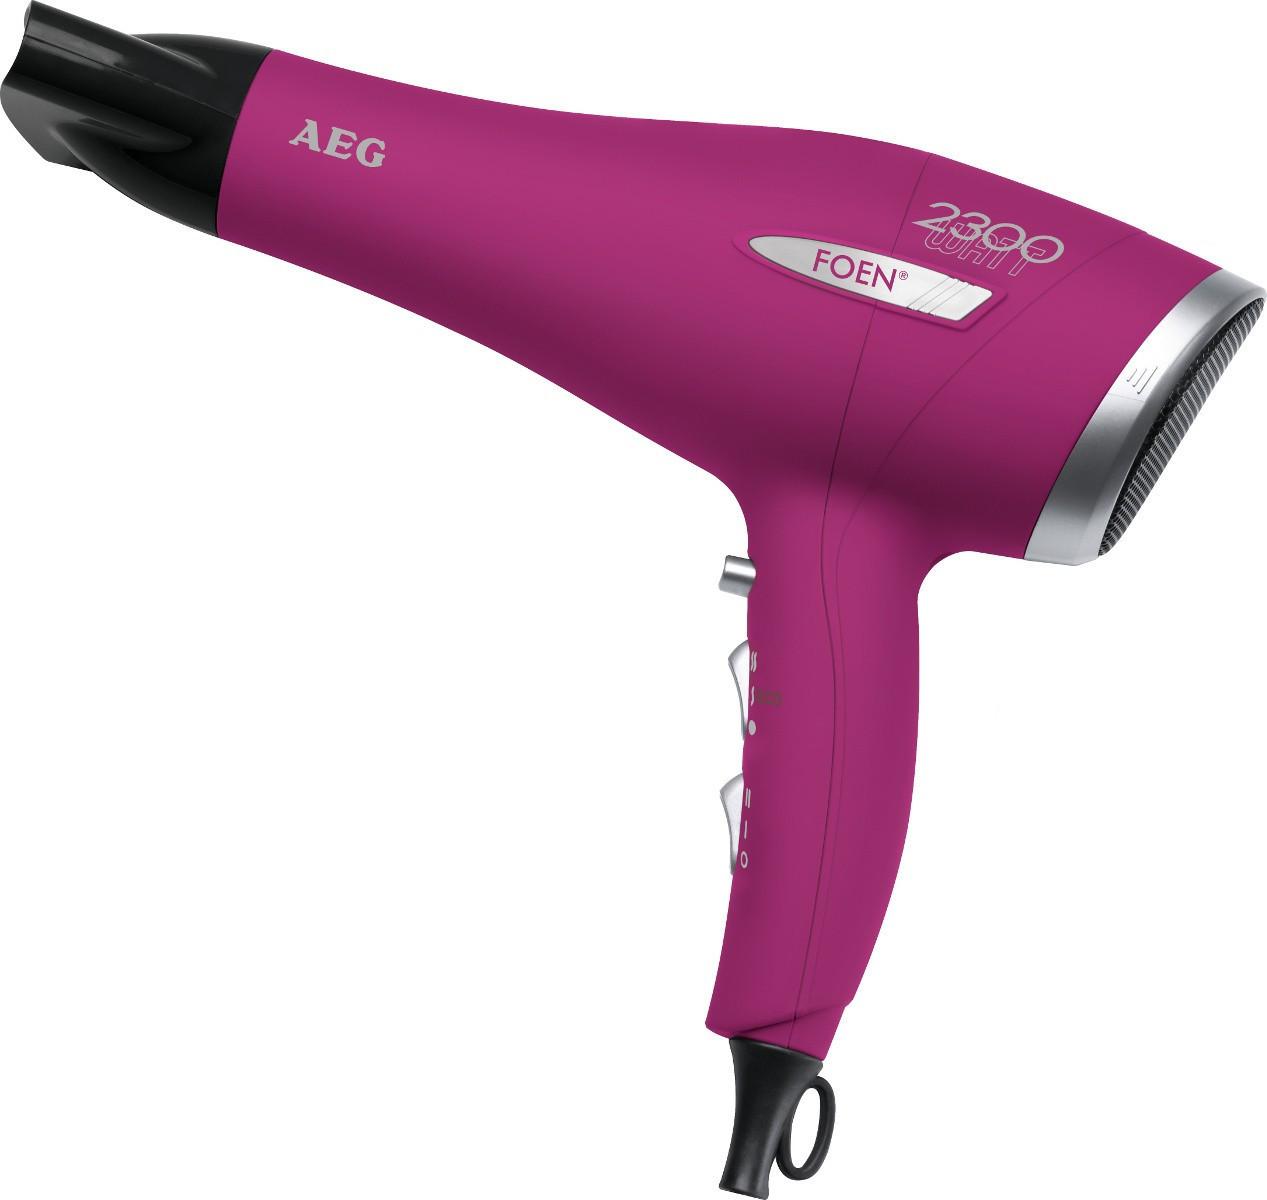 Фен AEG HT 5580 фиолетовый